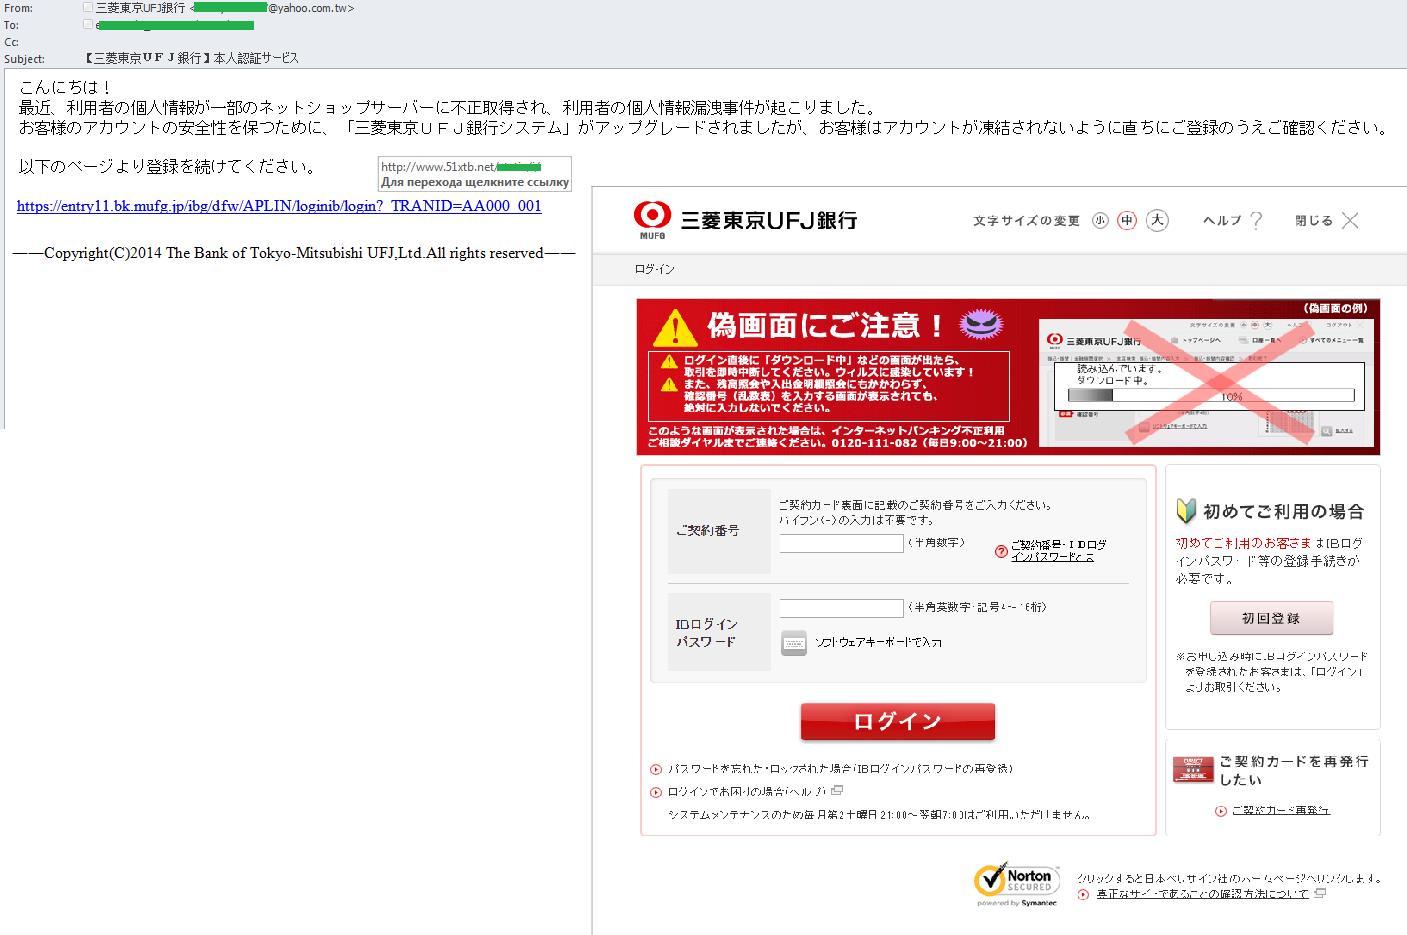 Japanese_phishing_1